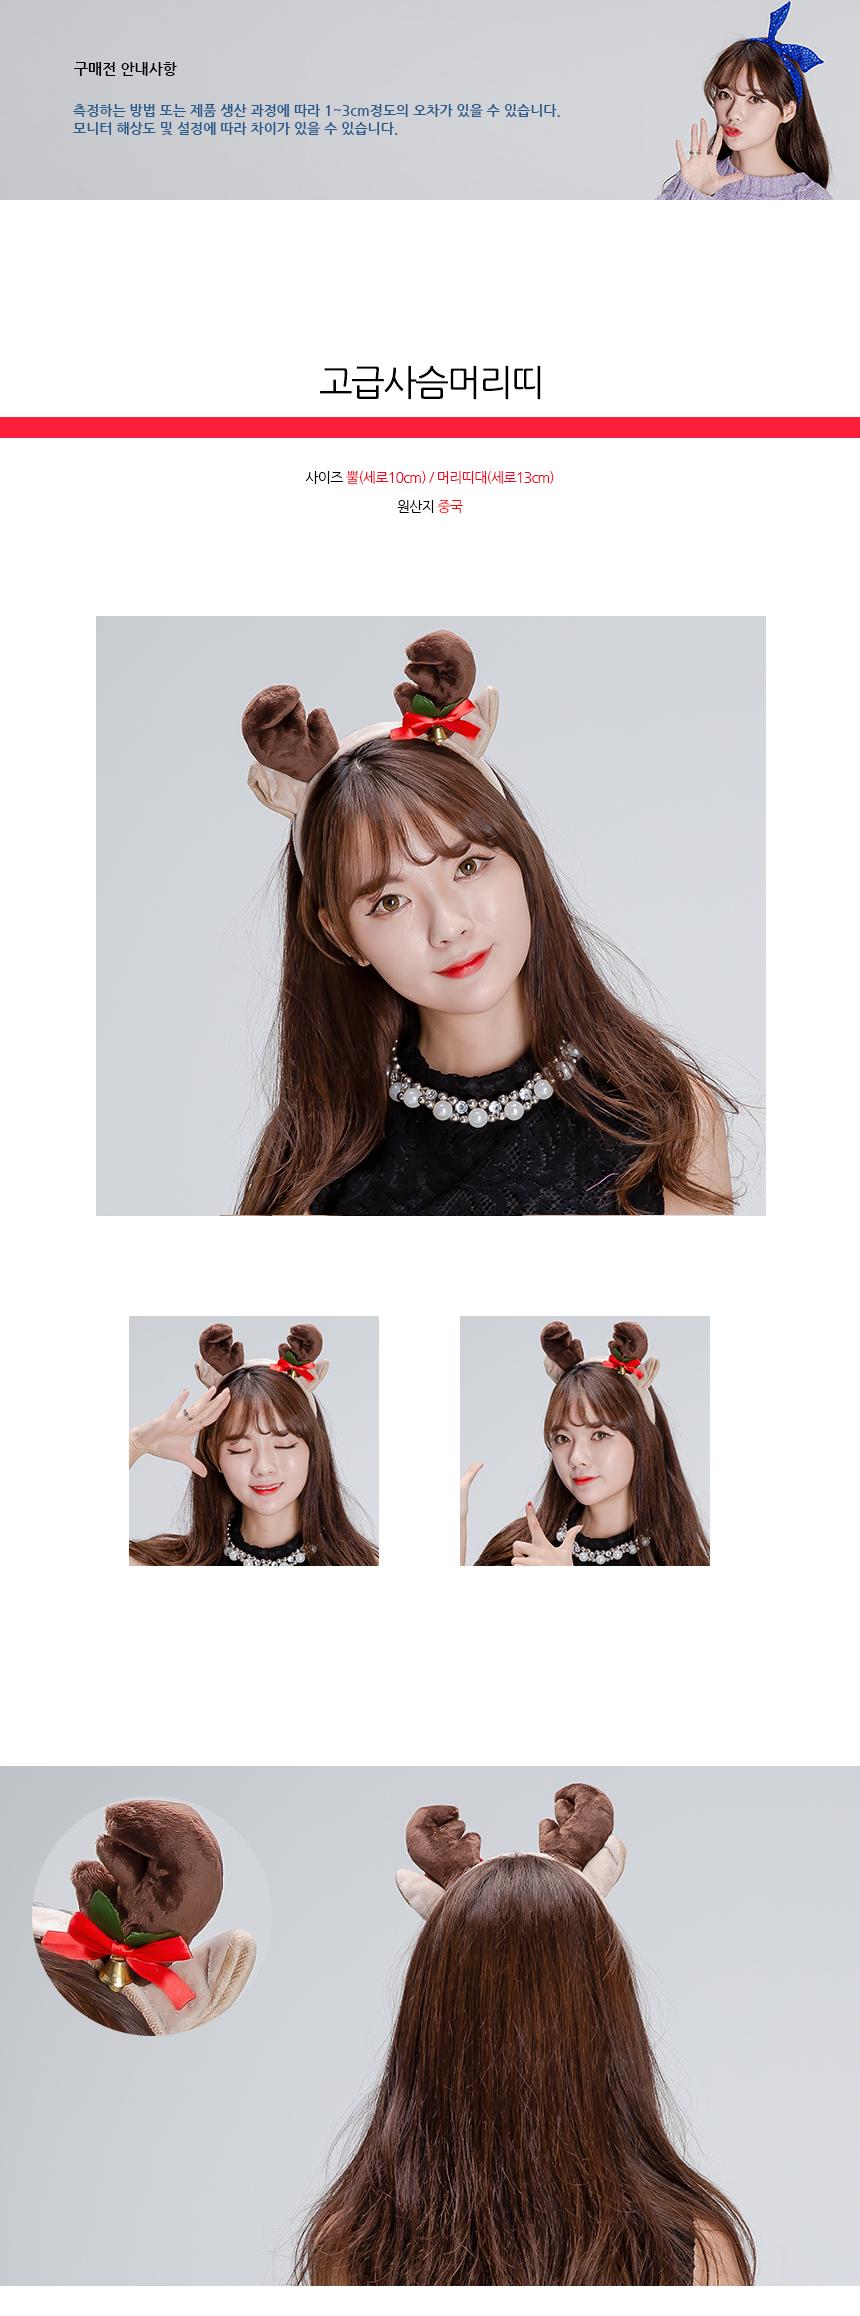 고급사슴머리띠 - 파티스토리, 4,000원, 파티의상/잡화, 머리띠/머리장식/가발